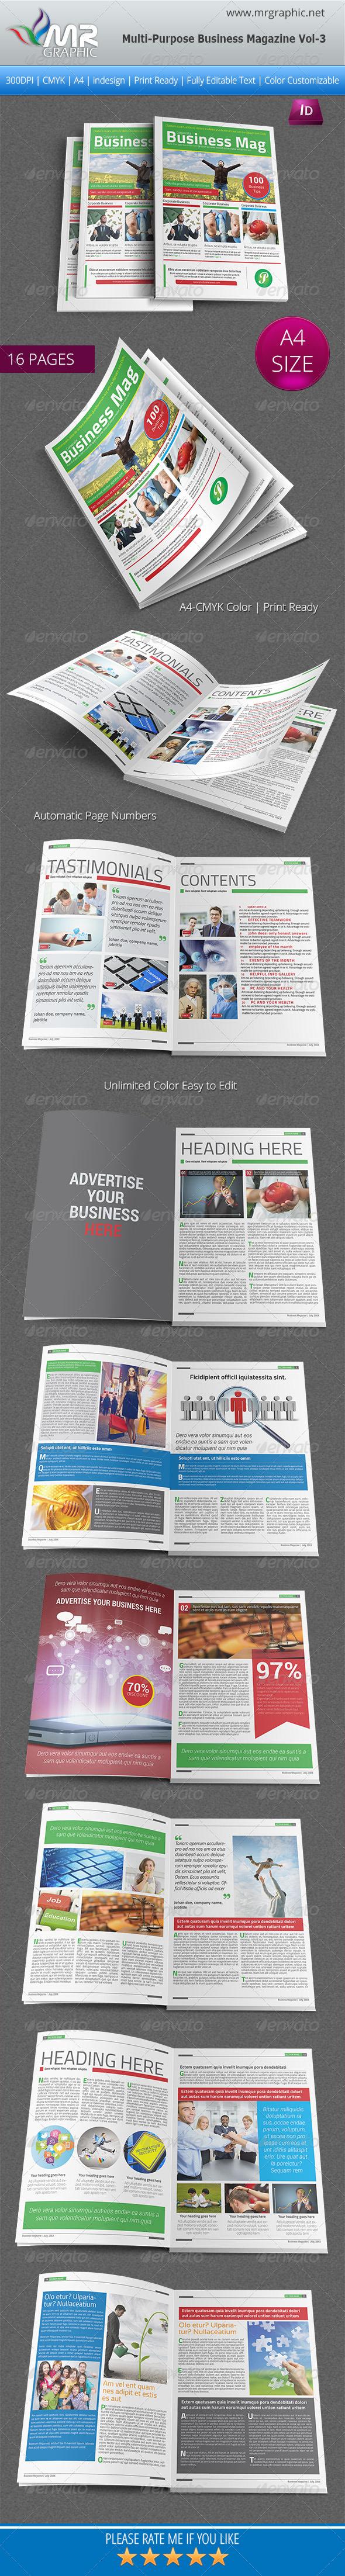 GraphicRiver Multipurpose Business Magazine Vol 3 6307362